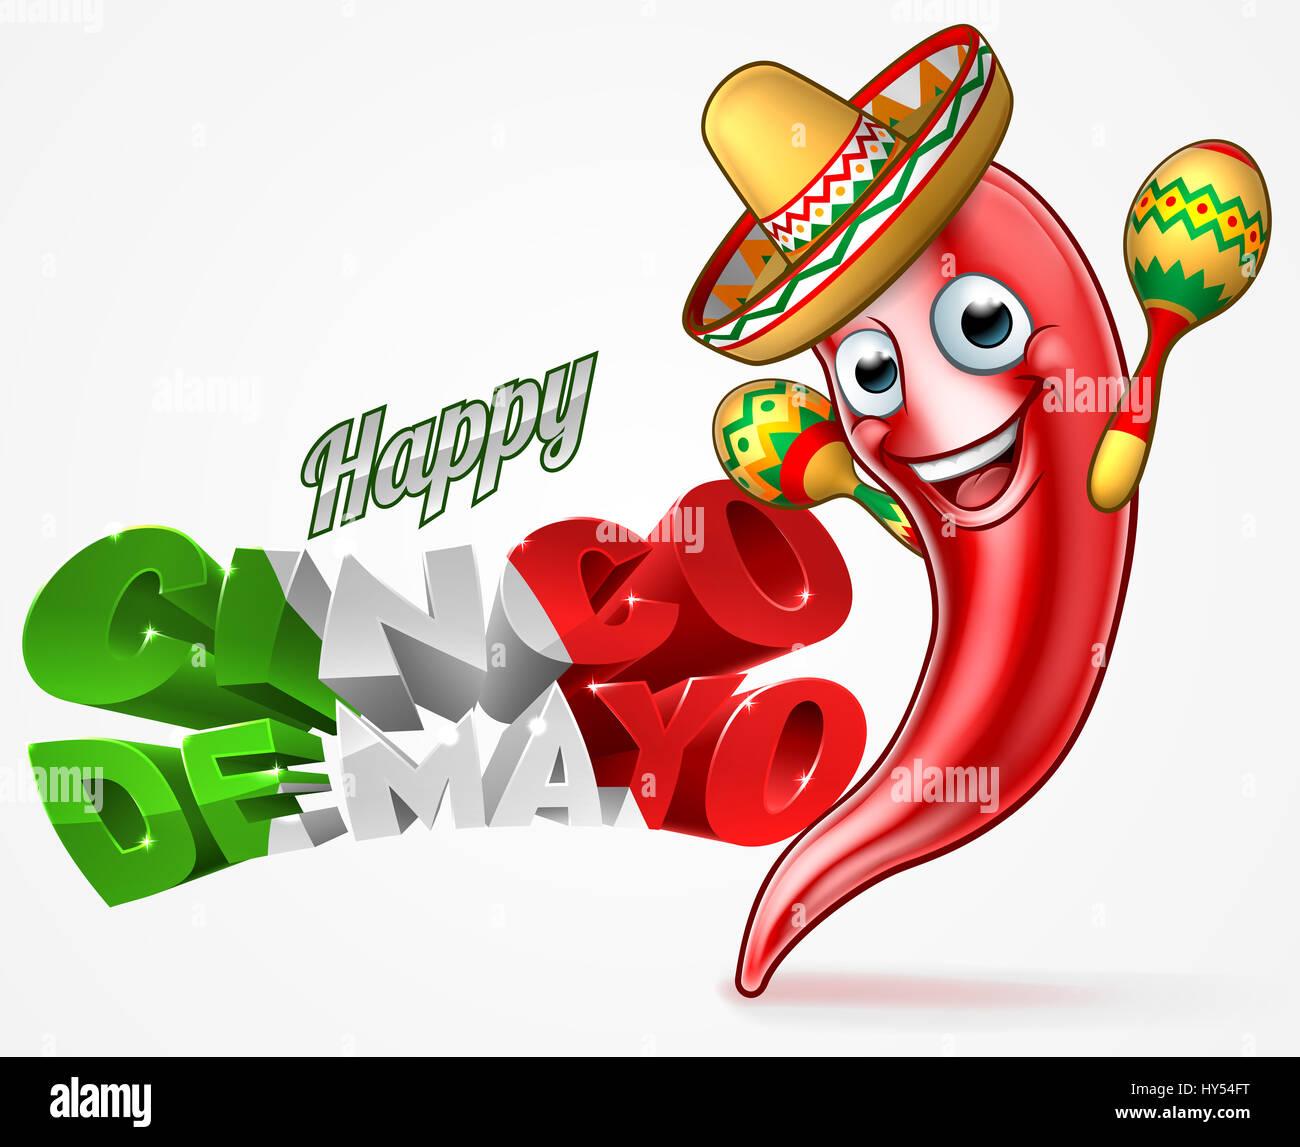 Un Feliz Cinco de Mayo diseño mexicano con pimiento rojo personaje de  caricatura en sombrero sombrero de paja sosteniendo las maracas shakers 0d22ca42369